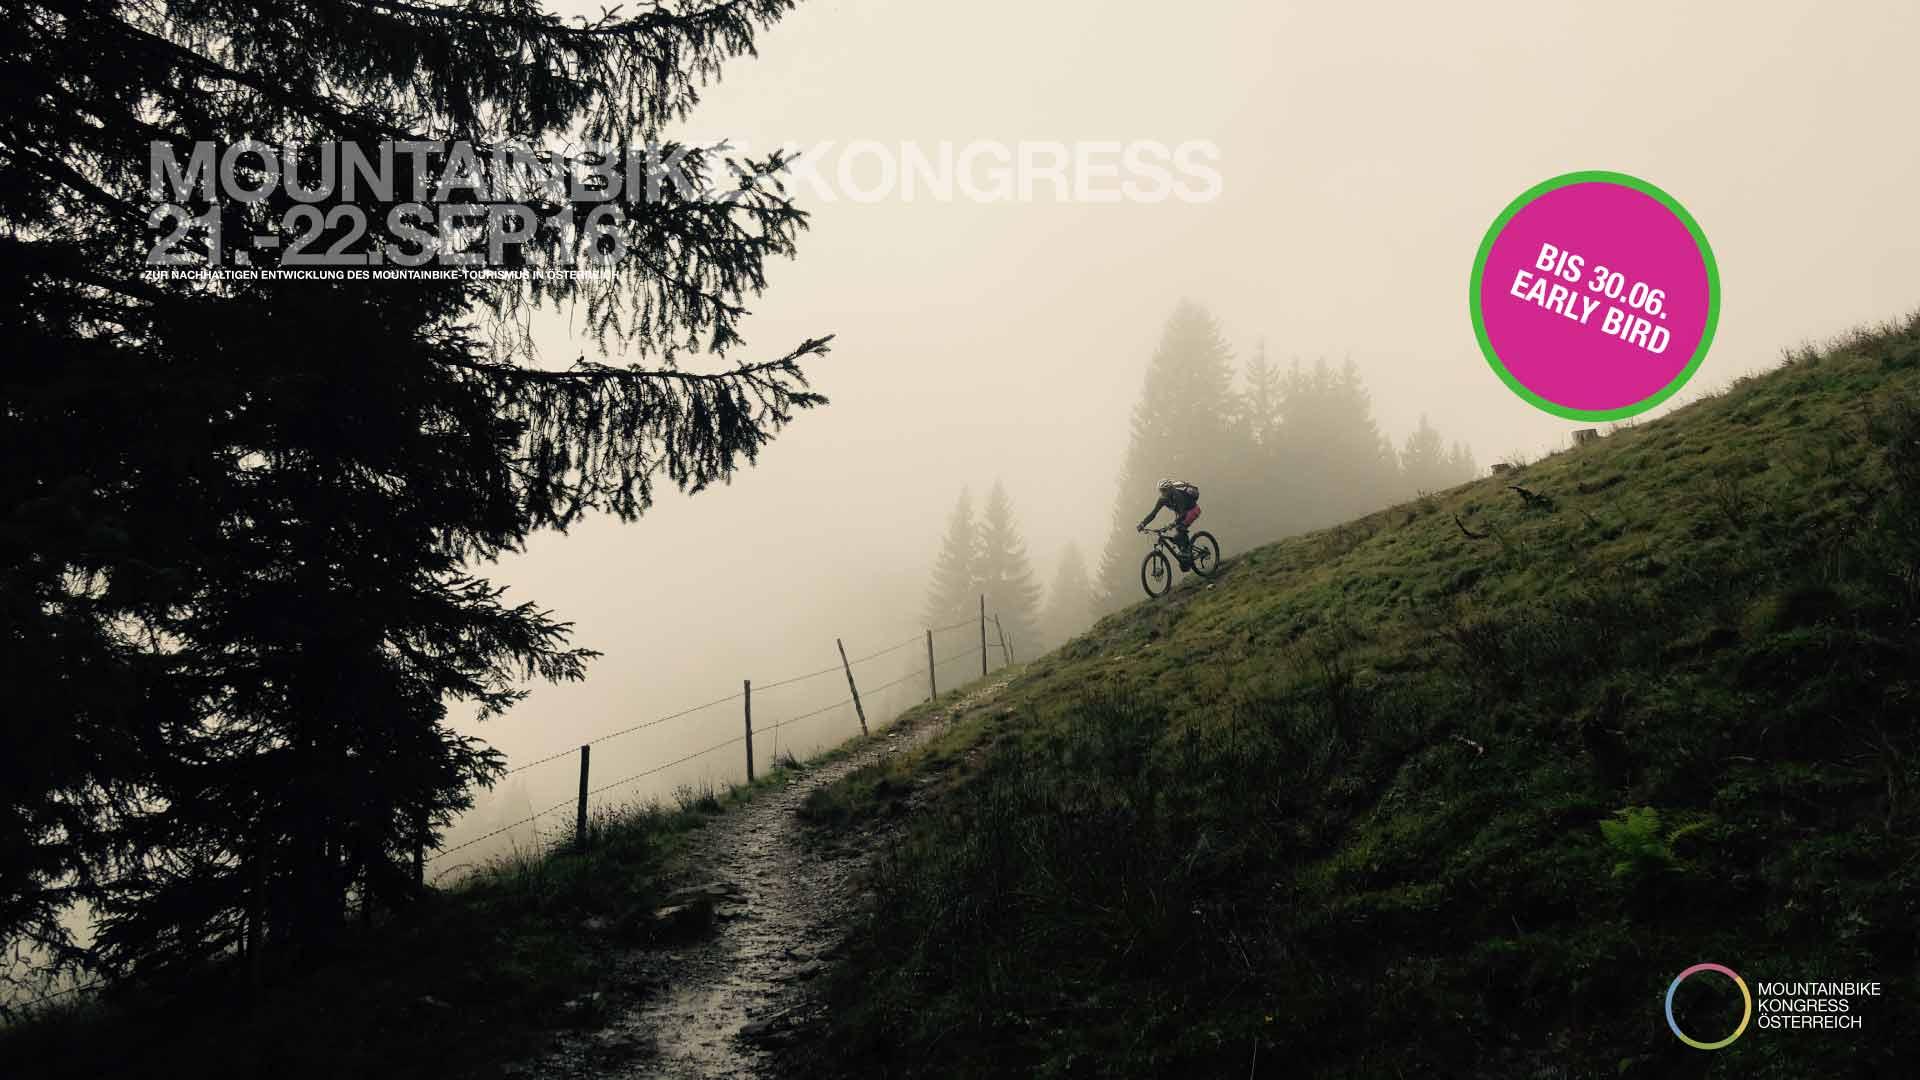 Event – Mountainbike-Kongress Saalbach-Hinterglemm 2016: Mit Leidenschaft zur Nachhaltigkeit – Mountainbiken als Freizeitsport der Zukunft?